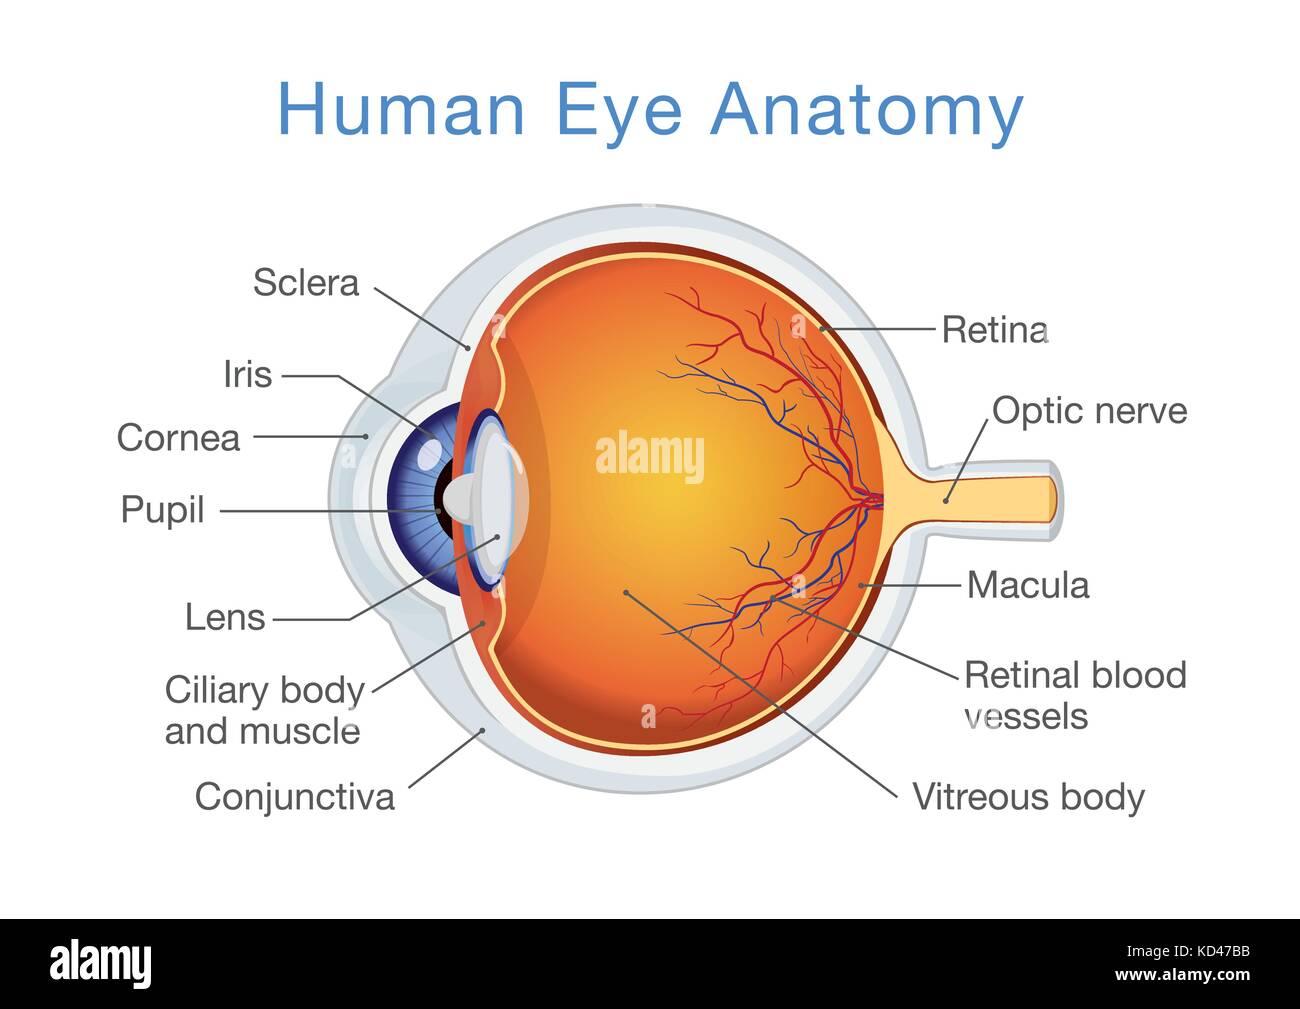 Anatomie des menschlichen Auges und Beschreibungen Vektor Abbildung ...